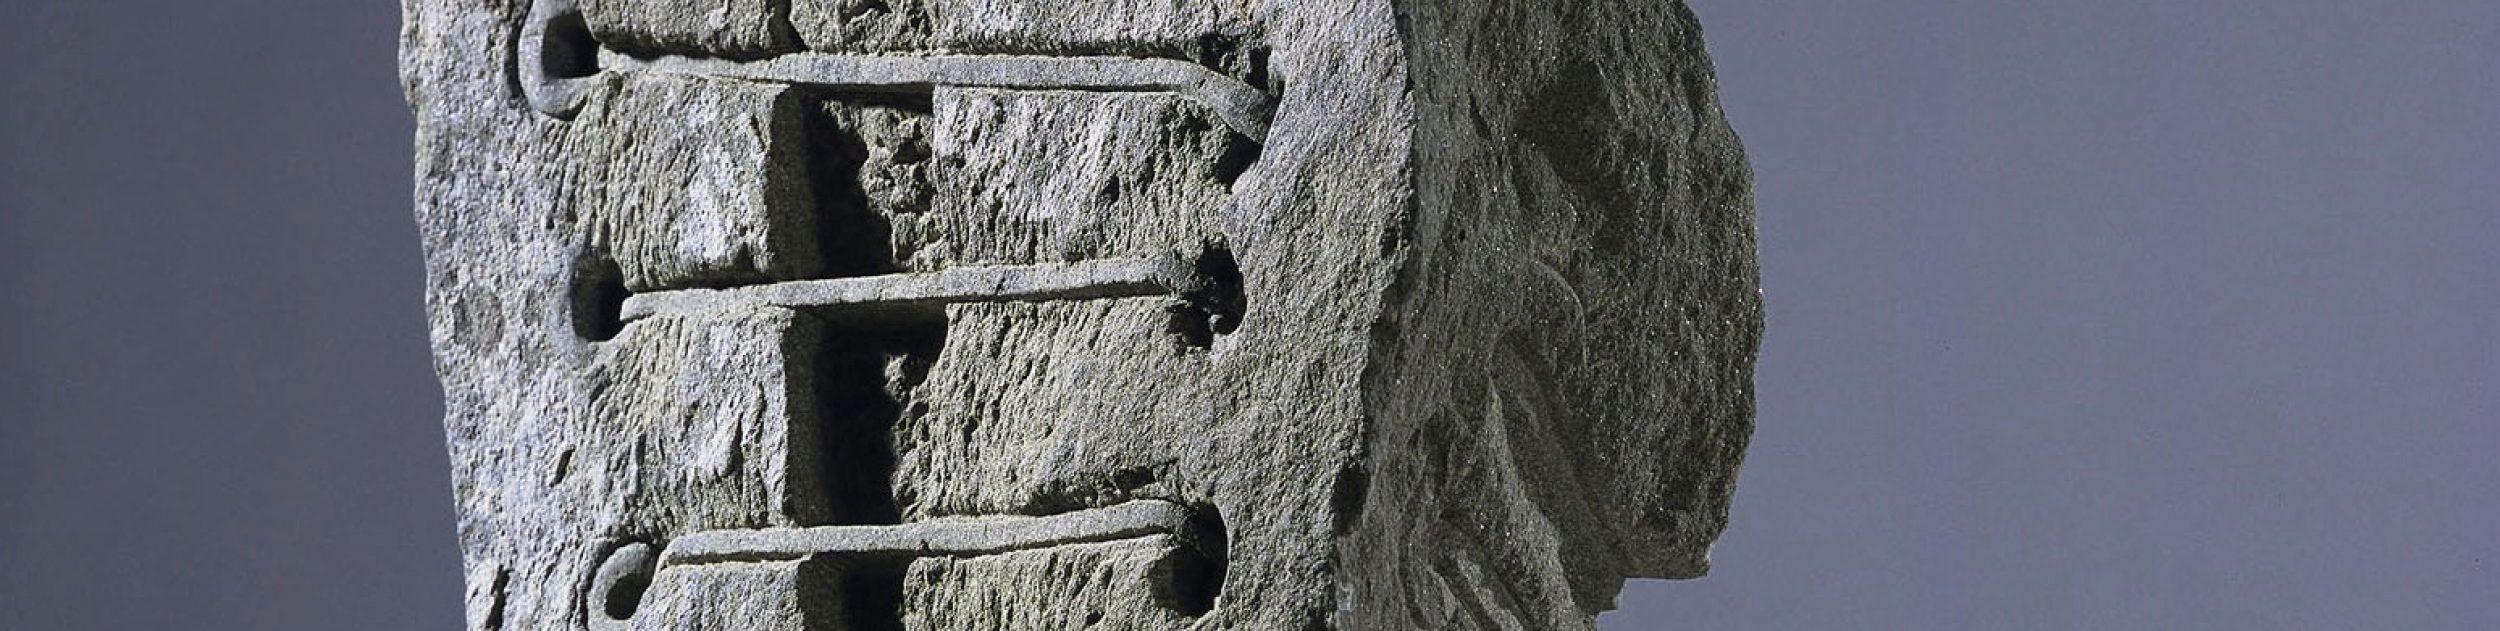 Hans Joerg Kuss – Kunst aus Stein